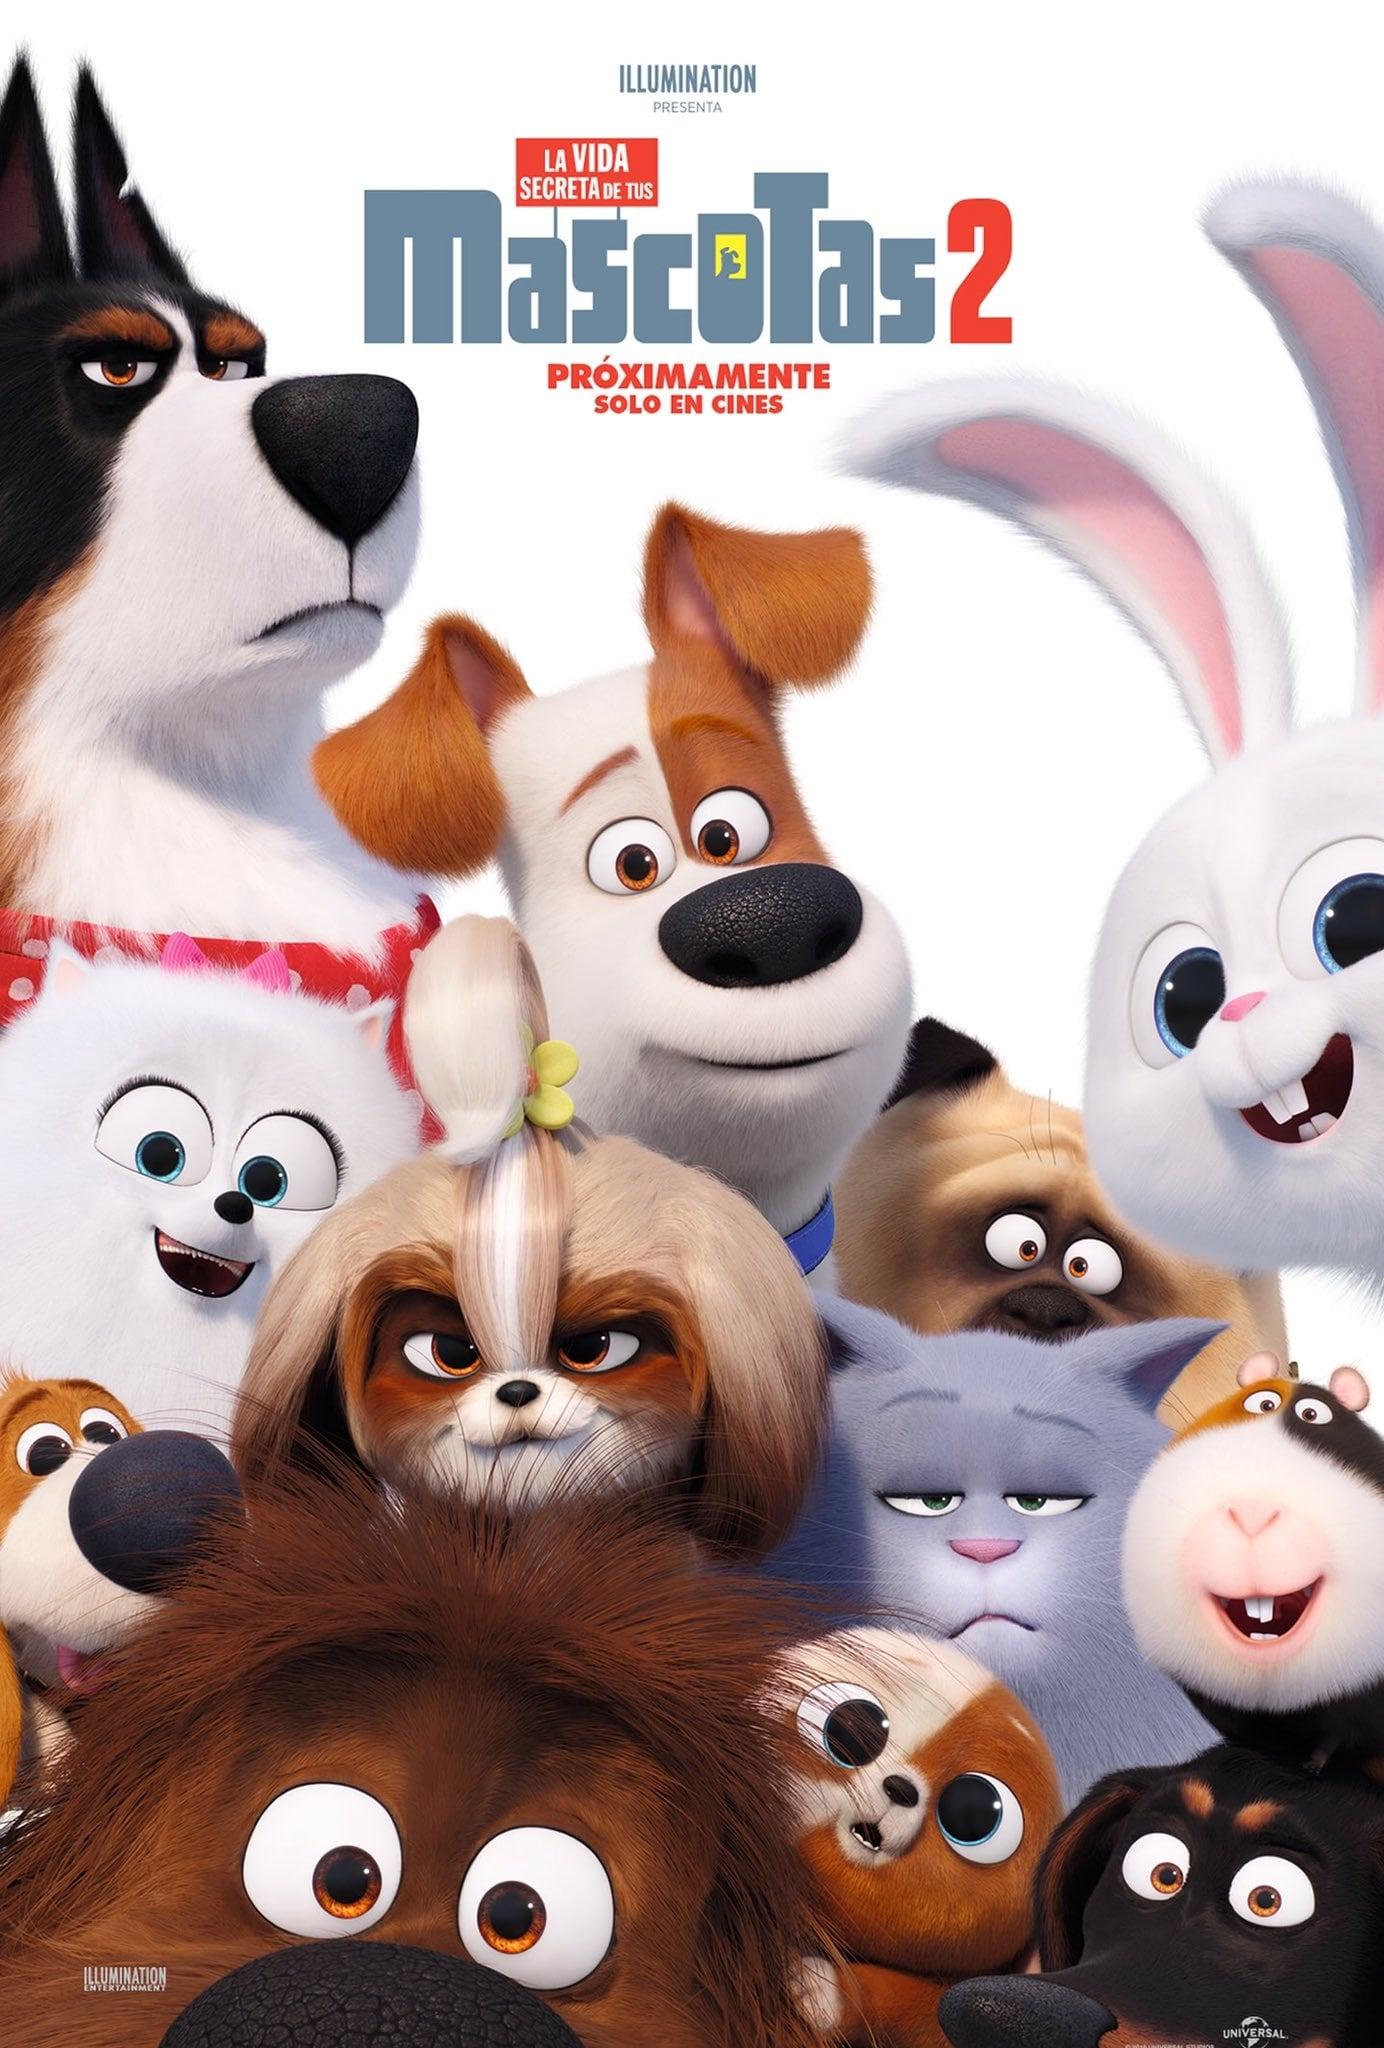 Pelicula La Vida Secreta de Tus Mascotas 2 (2019) HD 1080P LATINO/INGLES Online imagen